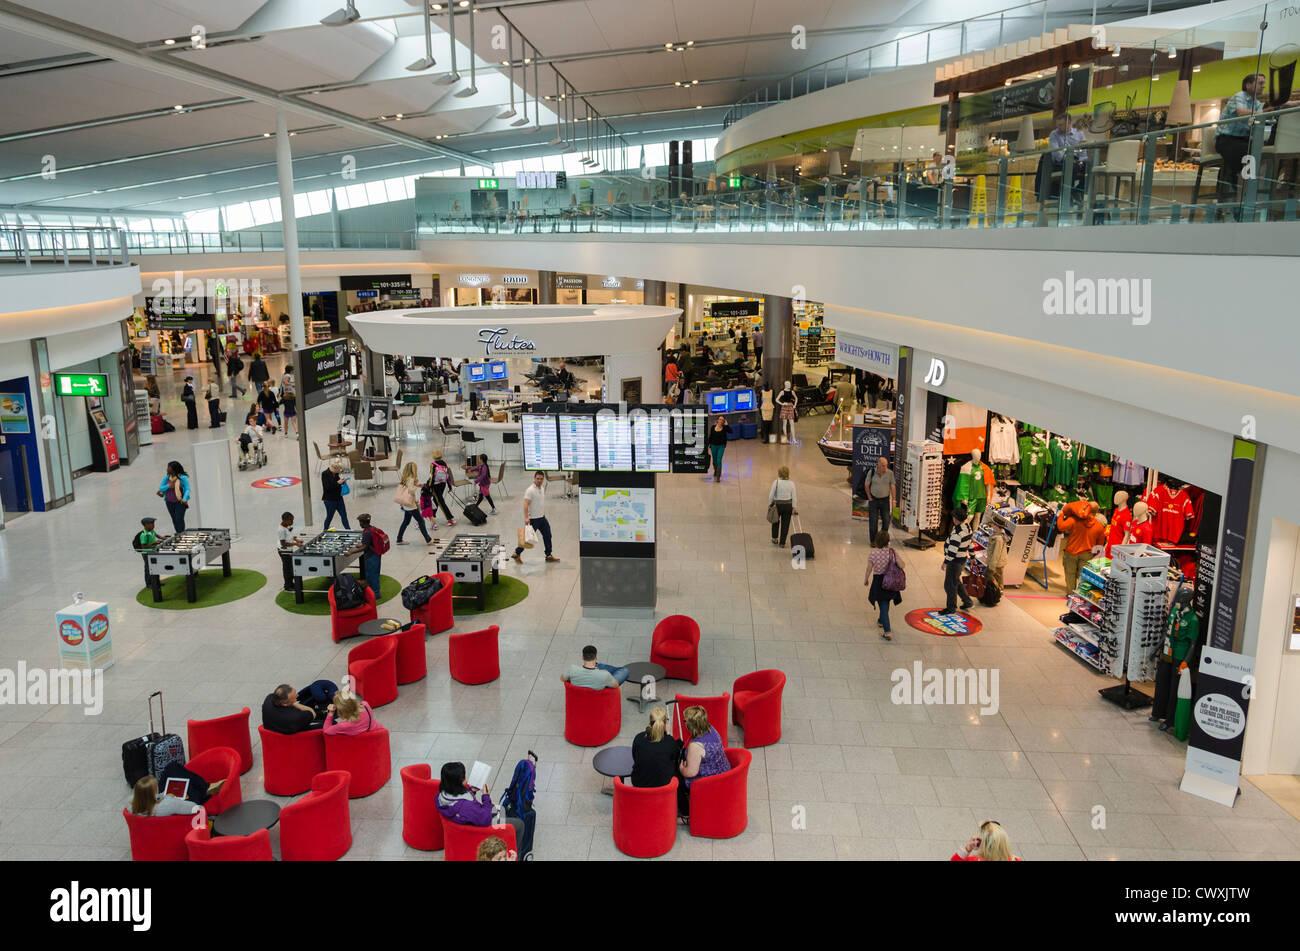 Salon de l'aéroport, zone des départs du Terminal 2, Aéroport de Dublin, Irlande Photo Stock